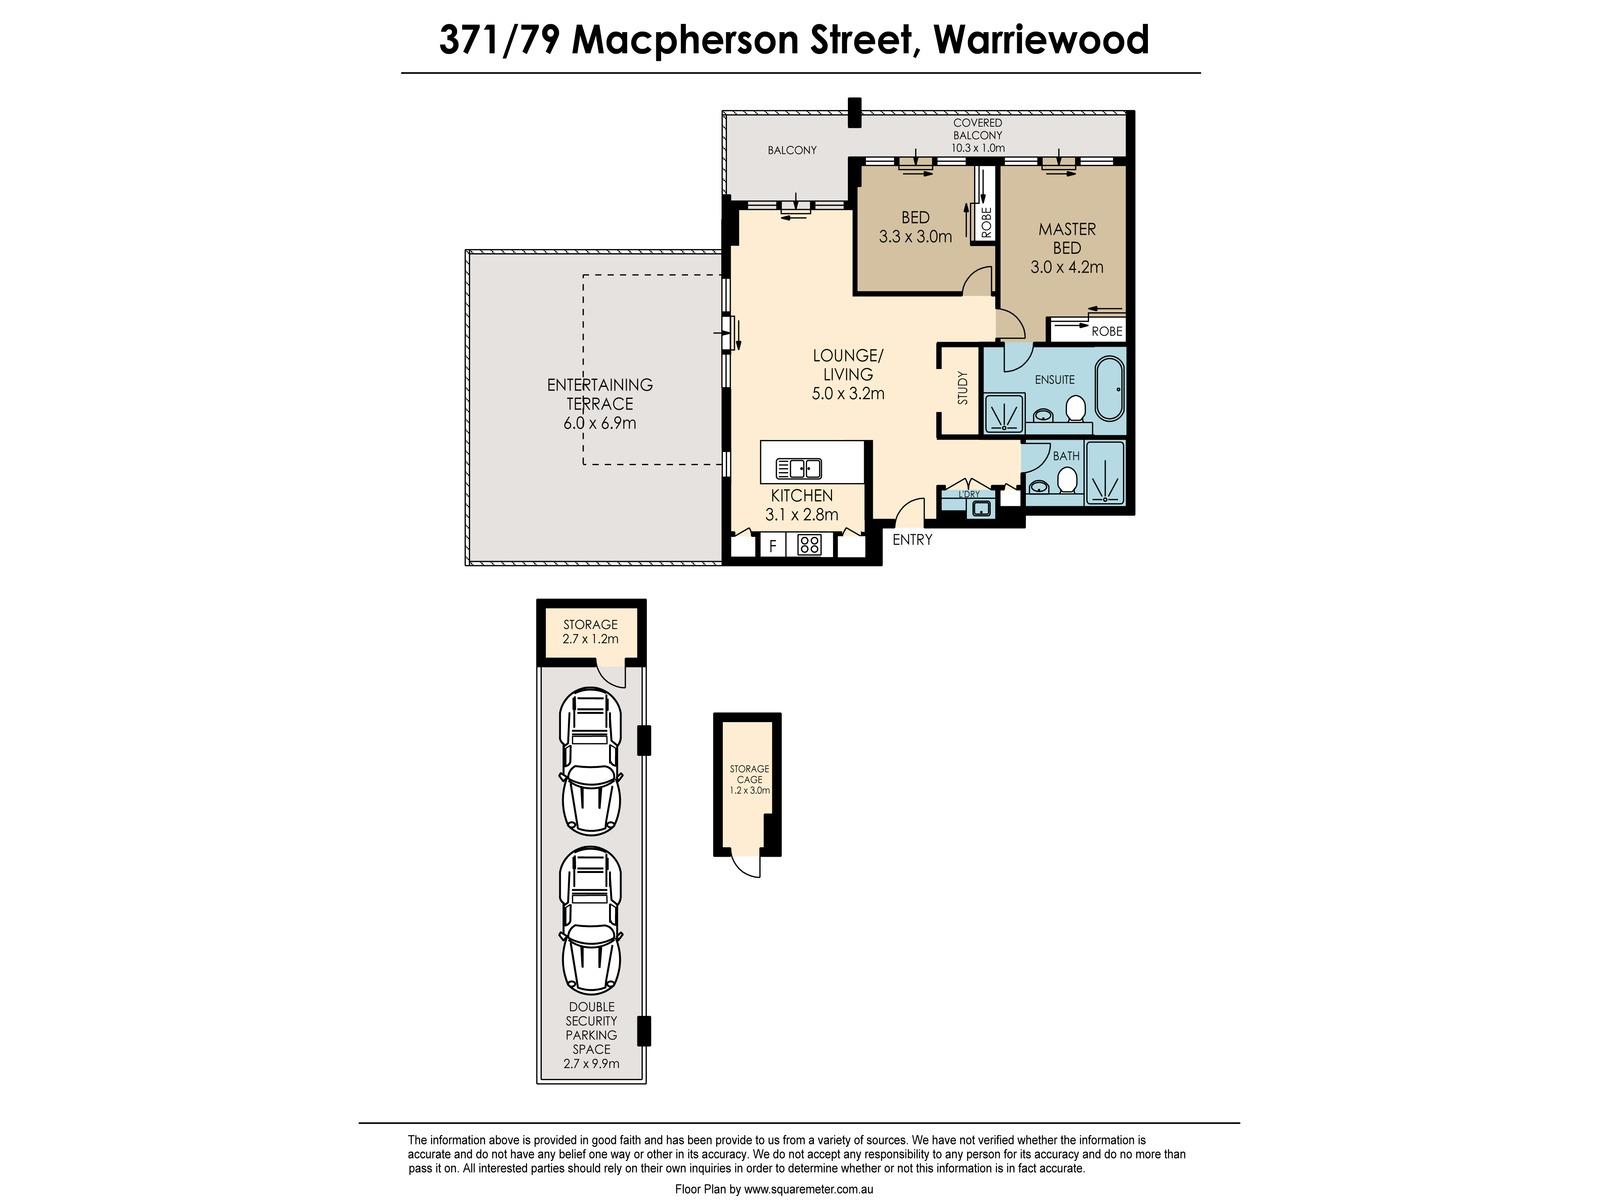 371 / 79 Macpherson Street, Warriewood